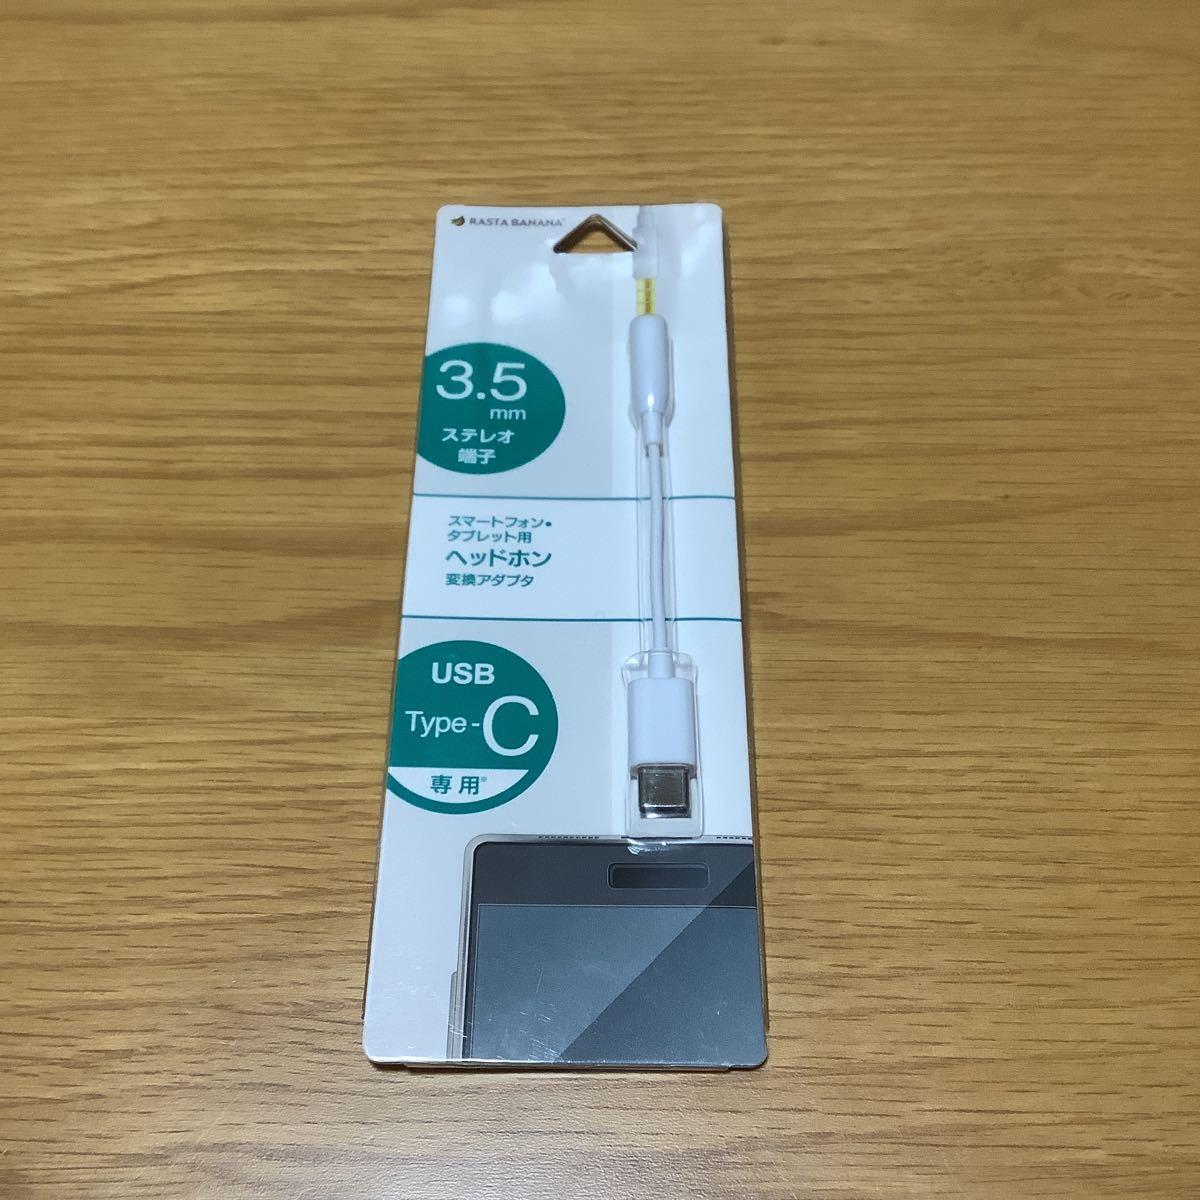 USB Type-C-φ3.5mmヘッドホン変換アダプタ イヤホンマイク対応 イヤホンジャック スマートフォン タブレット